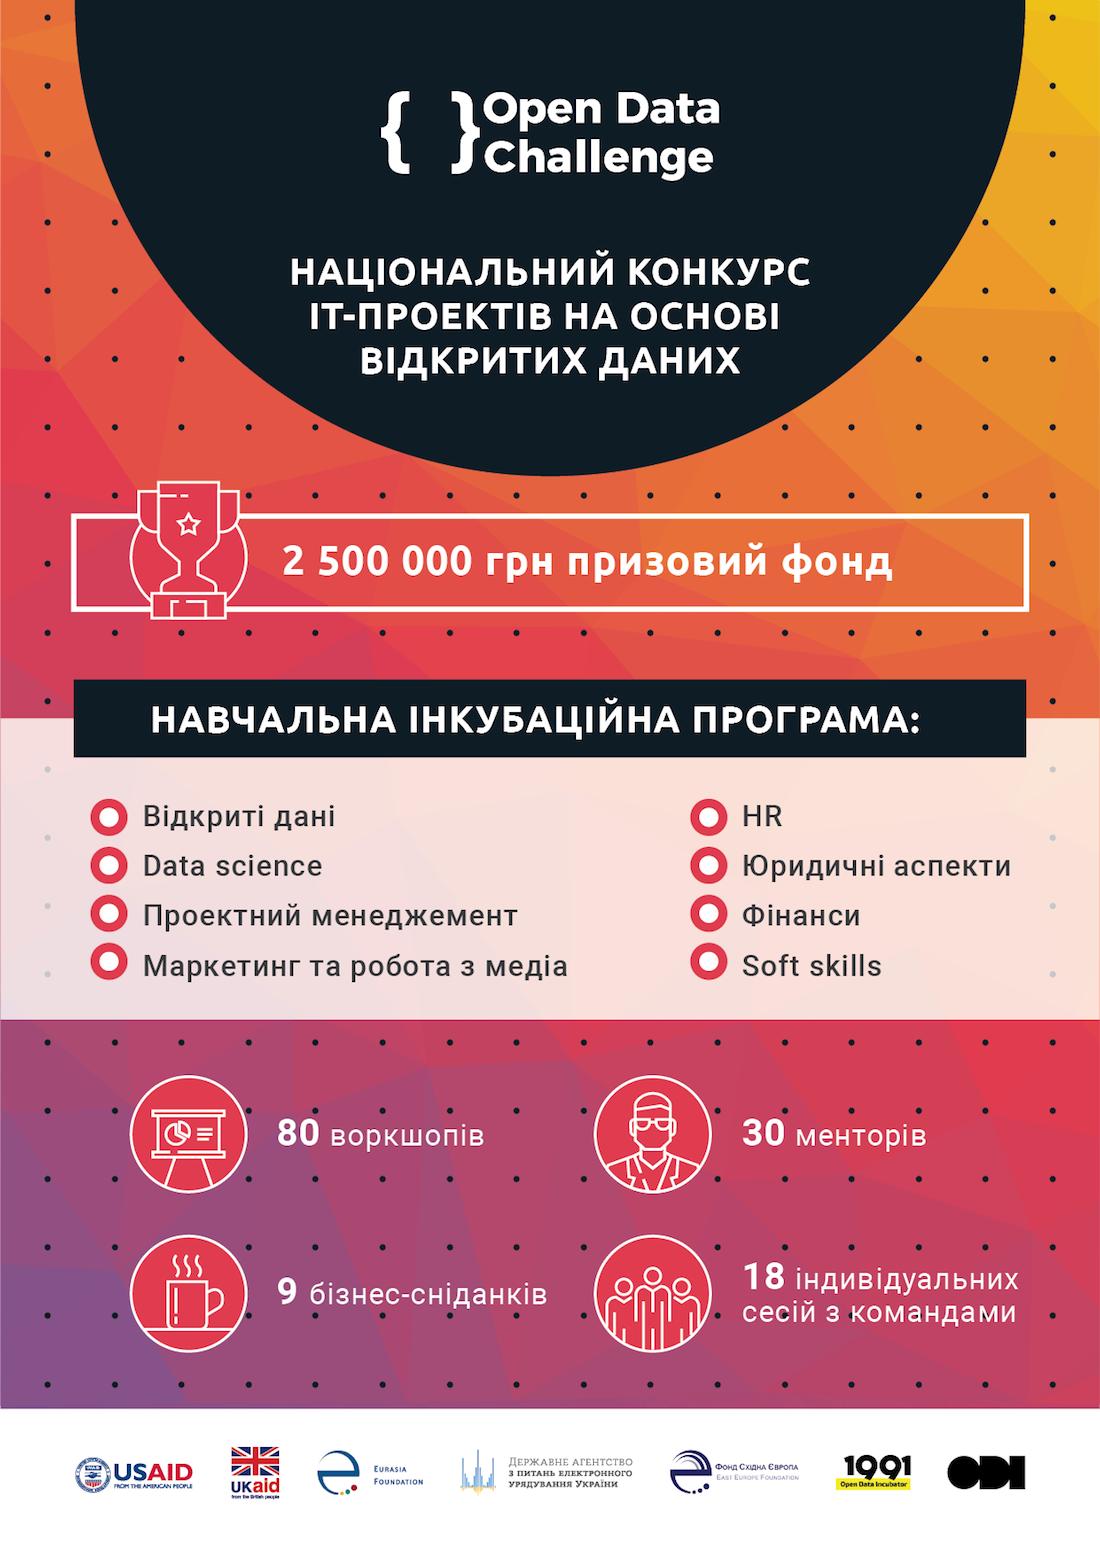 Українські стартапи зможуть позмагатися за 2,5 млн грн у Open Data Challenge